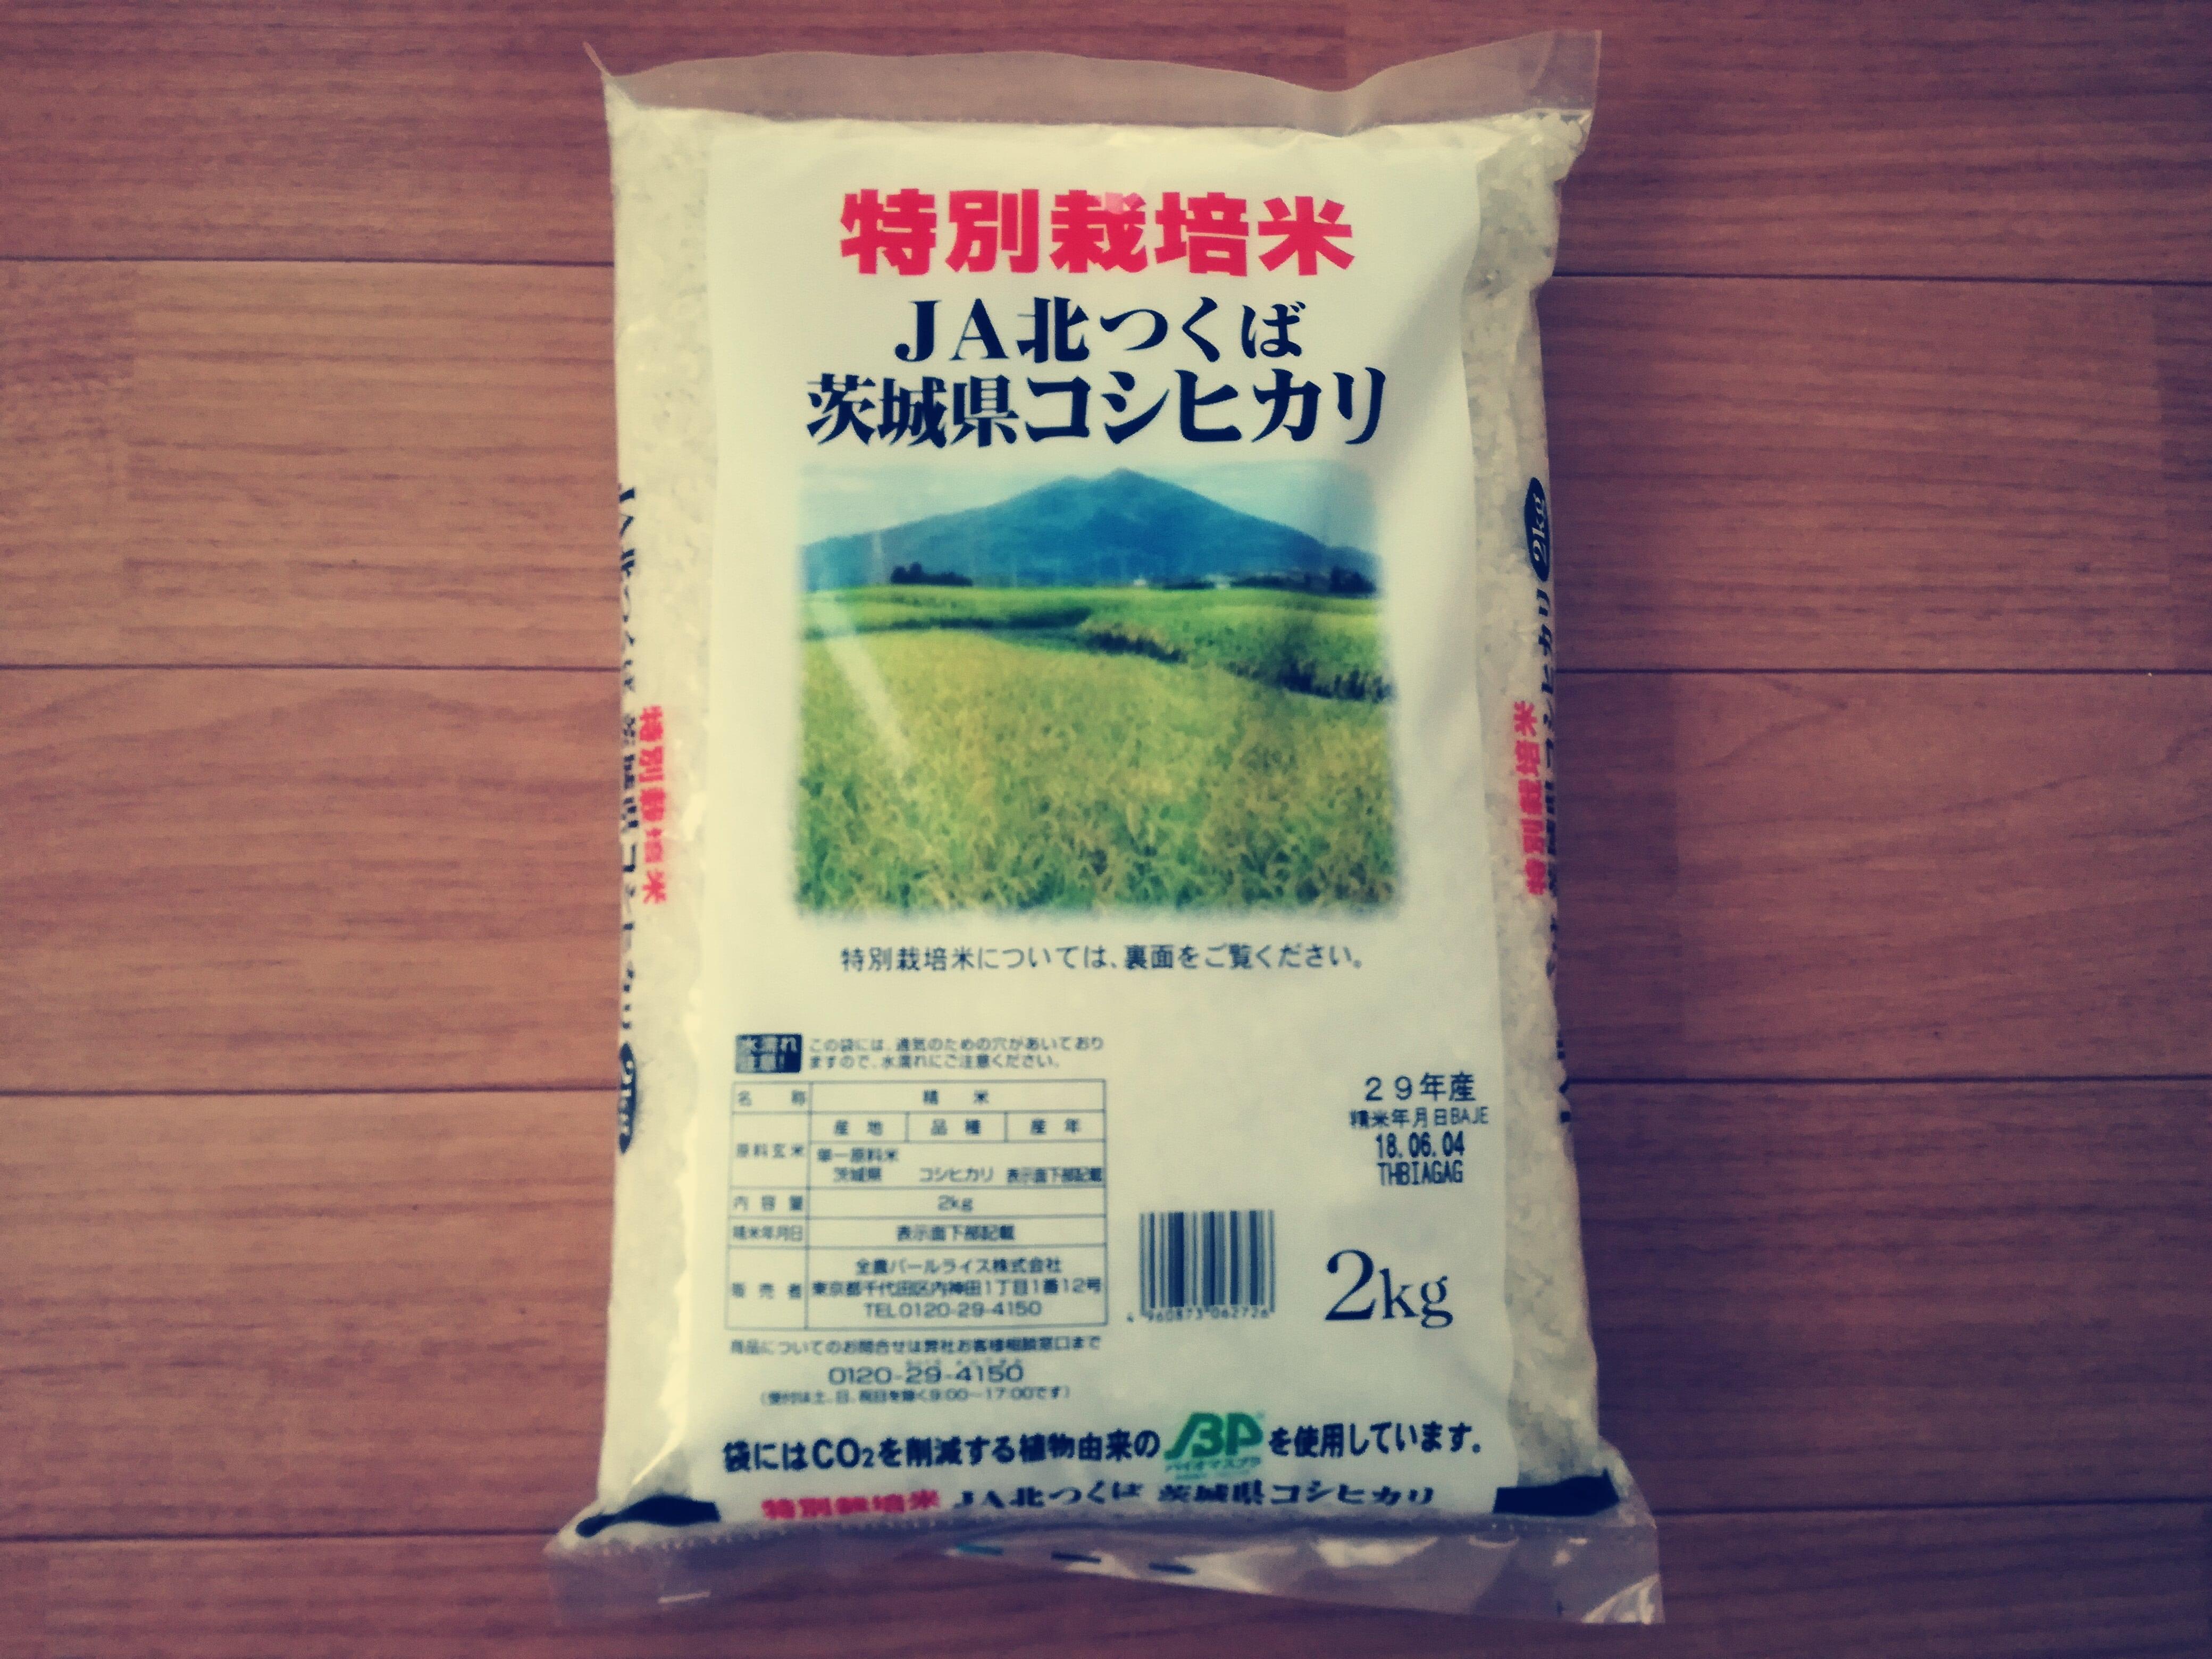 エコス(7520)から株主優待の特別栽培米コシヒカリが到着!